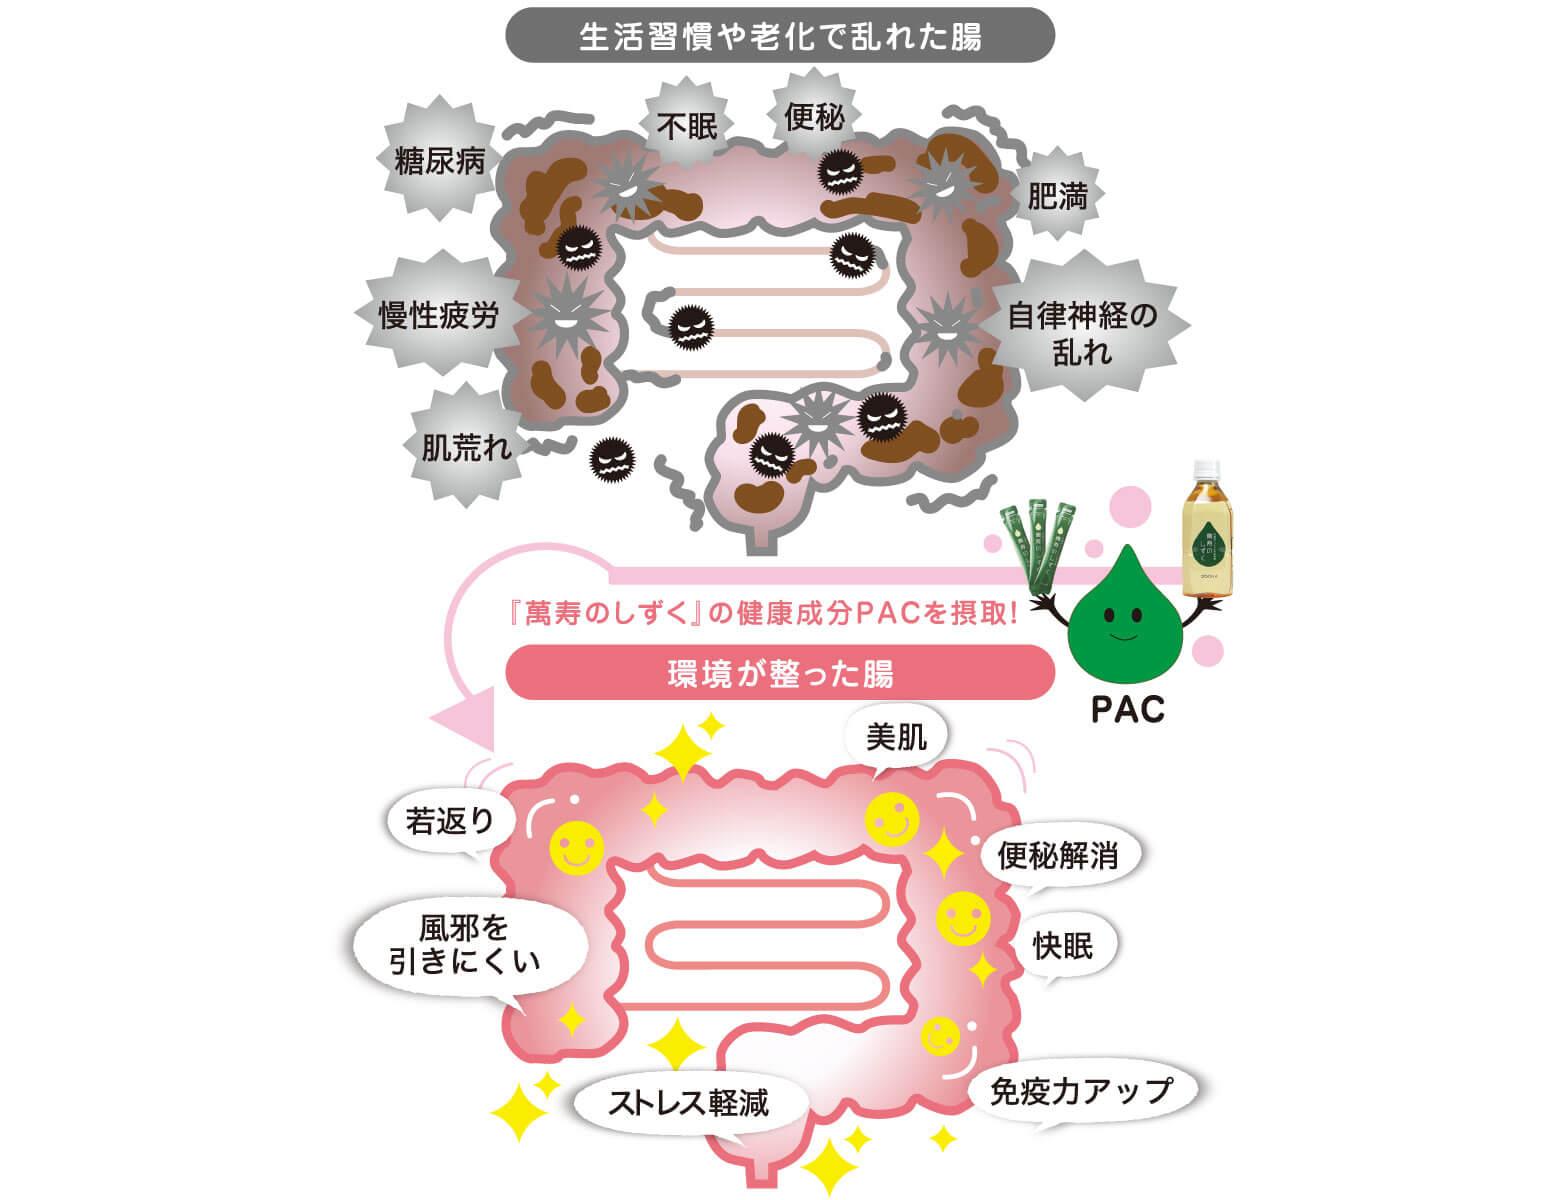 『萬壽のしずく』で腸内環境が整うとどのような効果がありますか?